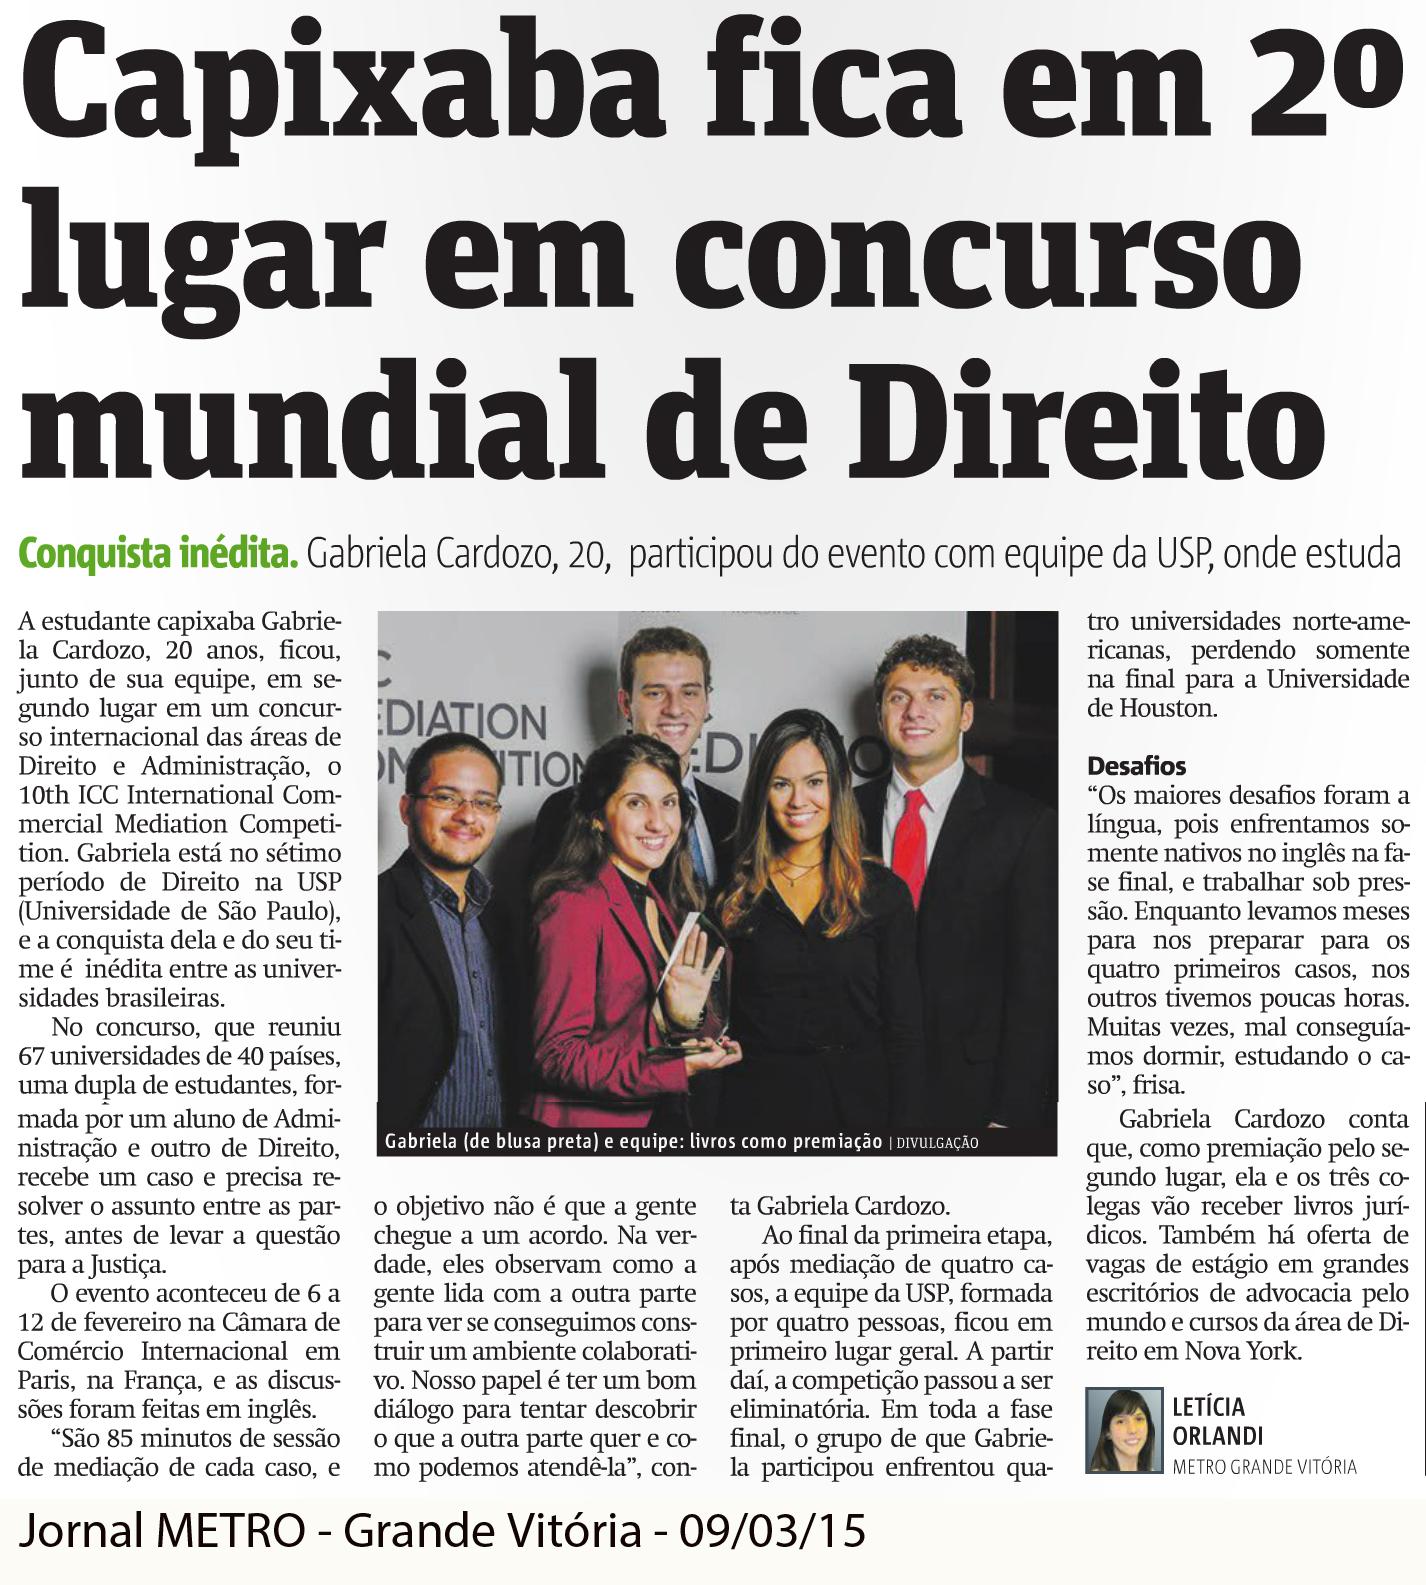 gabriela-jornal-metro-09-03-15